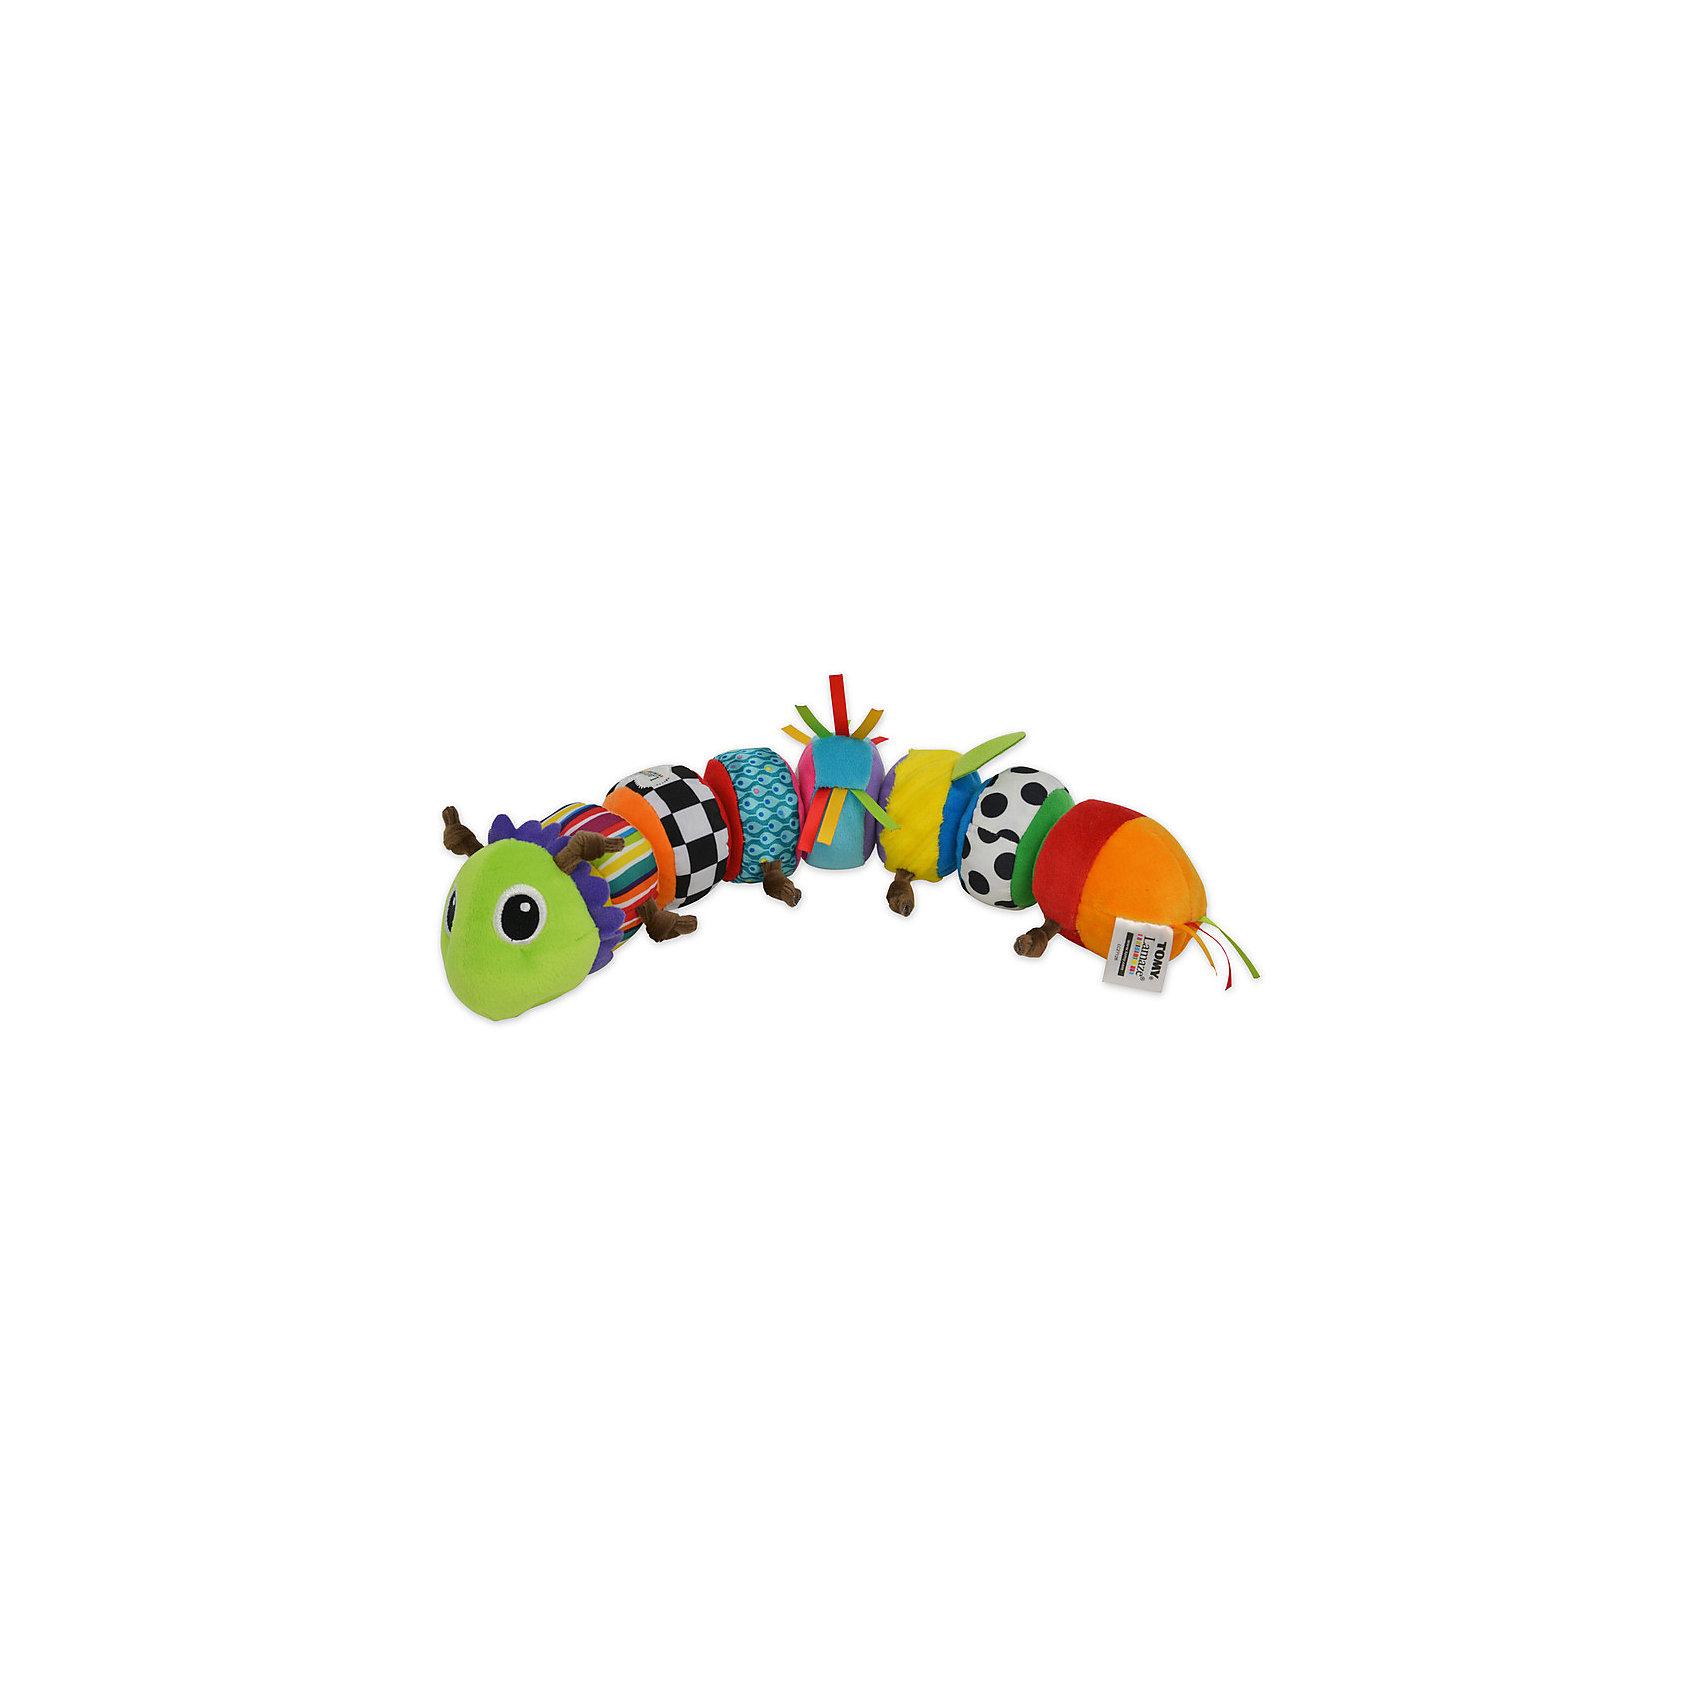 Гусеница Меняй и собирай, LamazeРазвивающие игрушки<br>Характеристики гусеницы Меняй и собирай: <br><br>- возраст: от 6 месяцев<br>- пол: для мальчиков и девочек<br>- комплект: 8 сегментов.<br>- материал: текстиль, наполнитель.<br>- размер упаковки: 8.4 *7.5 * 40 см.<br>- упаковка: картонная коробка открытого типа.<br>- страна обладатель бренда: Великобритания.<br><br>Мягкая игрушка Гусеница из серии Меняй и собирай от торговой марки Tomy состоит из восьми отдельных частей, которые ребенку предлагается соединять между собой - это занятие будет развивать мышление ребенка, конструктивные способности, смекалку объективное восприятие.<br>Элементы игрушки выполнены в ярких цветах, что может привлечь внимание малыша. Детали легко соединяются между собой с помощью липучек. Игрушка имеет разнофактурную поверхность, благодаря чему ребенок сможет тренировать мелкую моторику и тактильные навыки.<br><br>Мягкую игрушку Гусеница торговой марки  Tomy (Томи) можно купить в нашем интернет-магазине.<br><br>Ширина мм: 215<br>Глубина мм: 80<br>Высота мм: 254<br>Вес г: 405<br>Возраст от месяцев: 0<br>Возраст до месяцев: 24<br>Пол: Унисекс<br>Возраст: Детский<br>SKU: 5274985